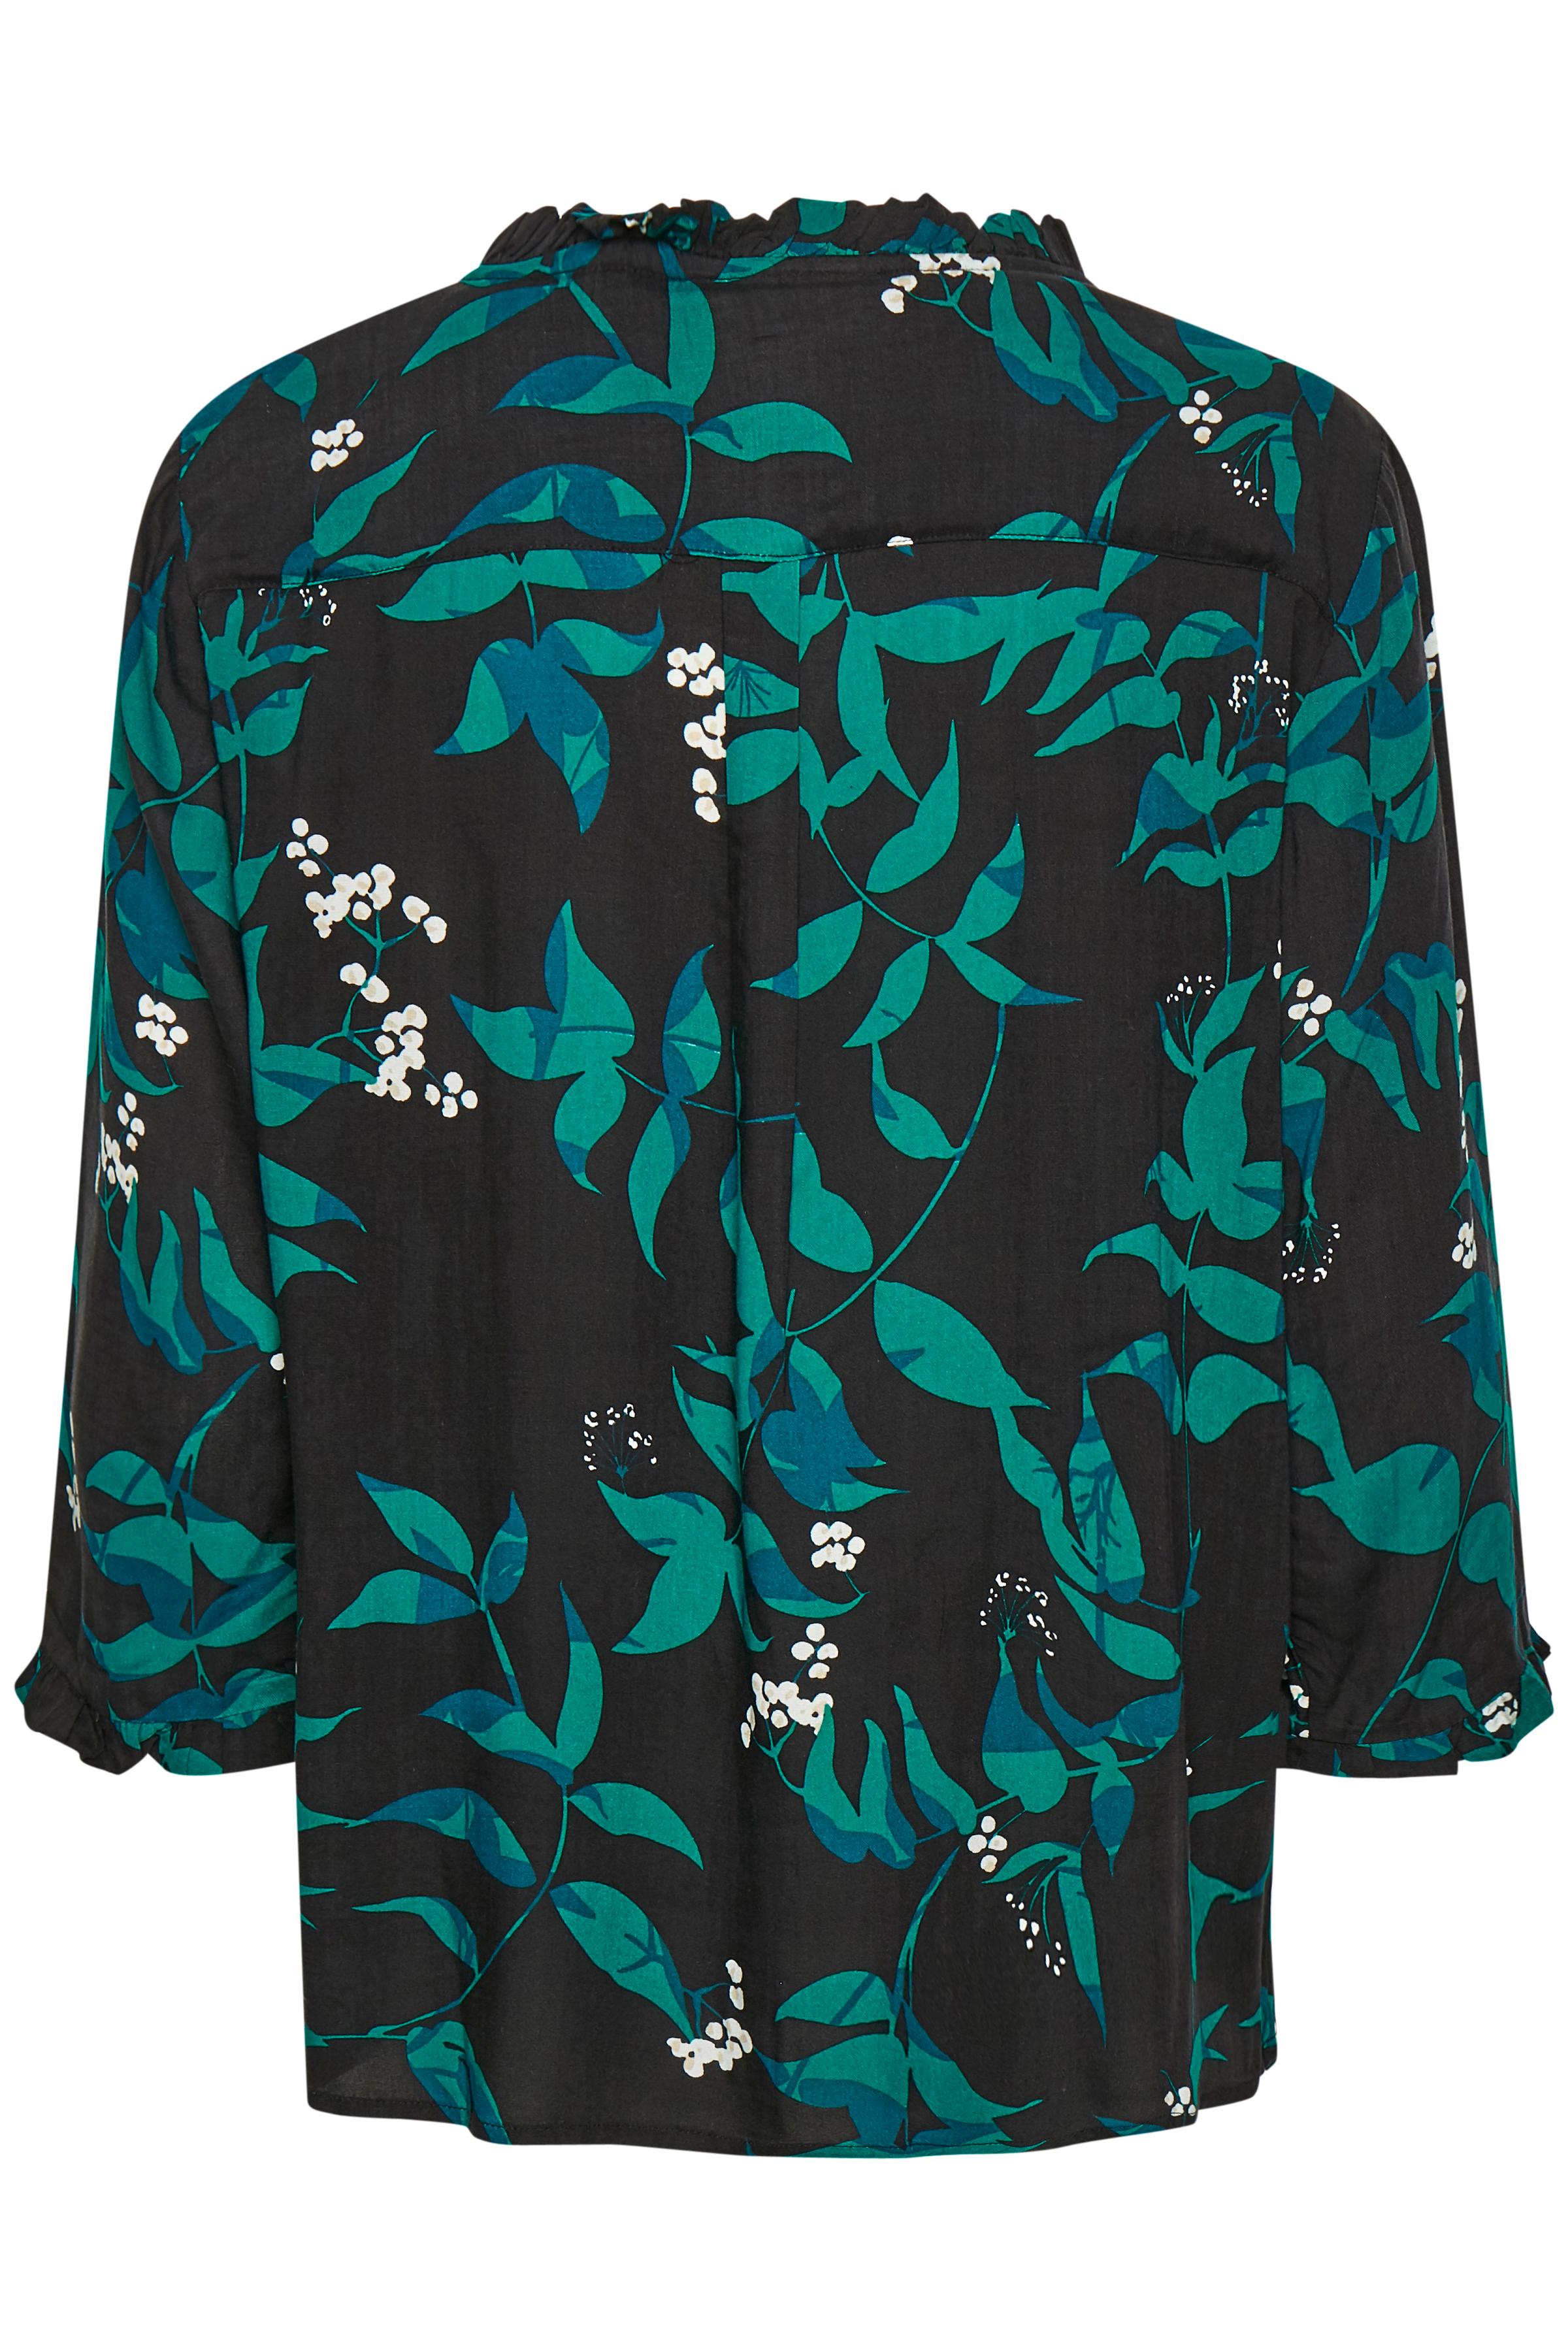 Sort/flaskegrøn Langærmet bluse fra Fransa – Køb Sort/flaskegrøn Langærmet bluse fra str. XS-XXL her